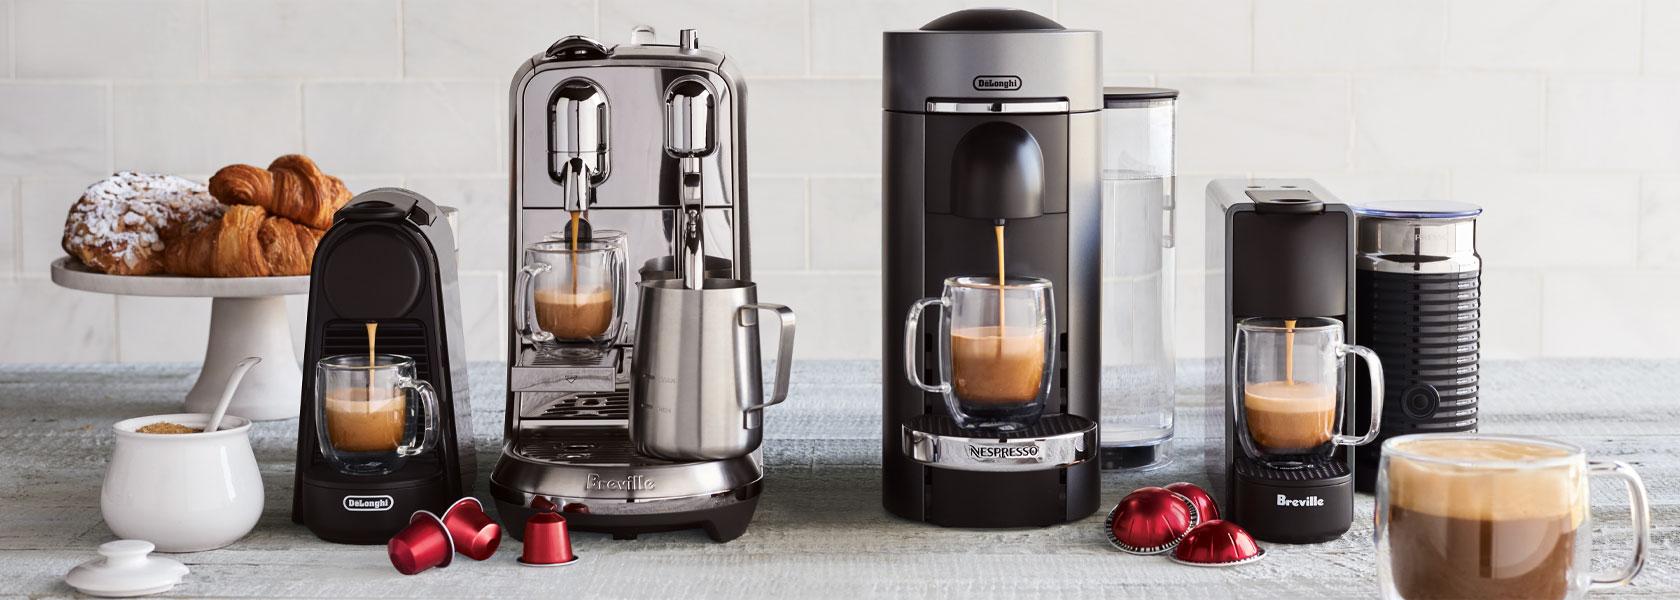 Nespresso sale up to 35% off